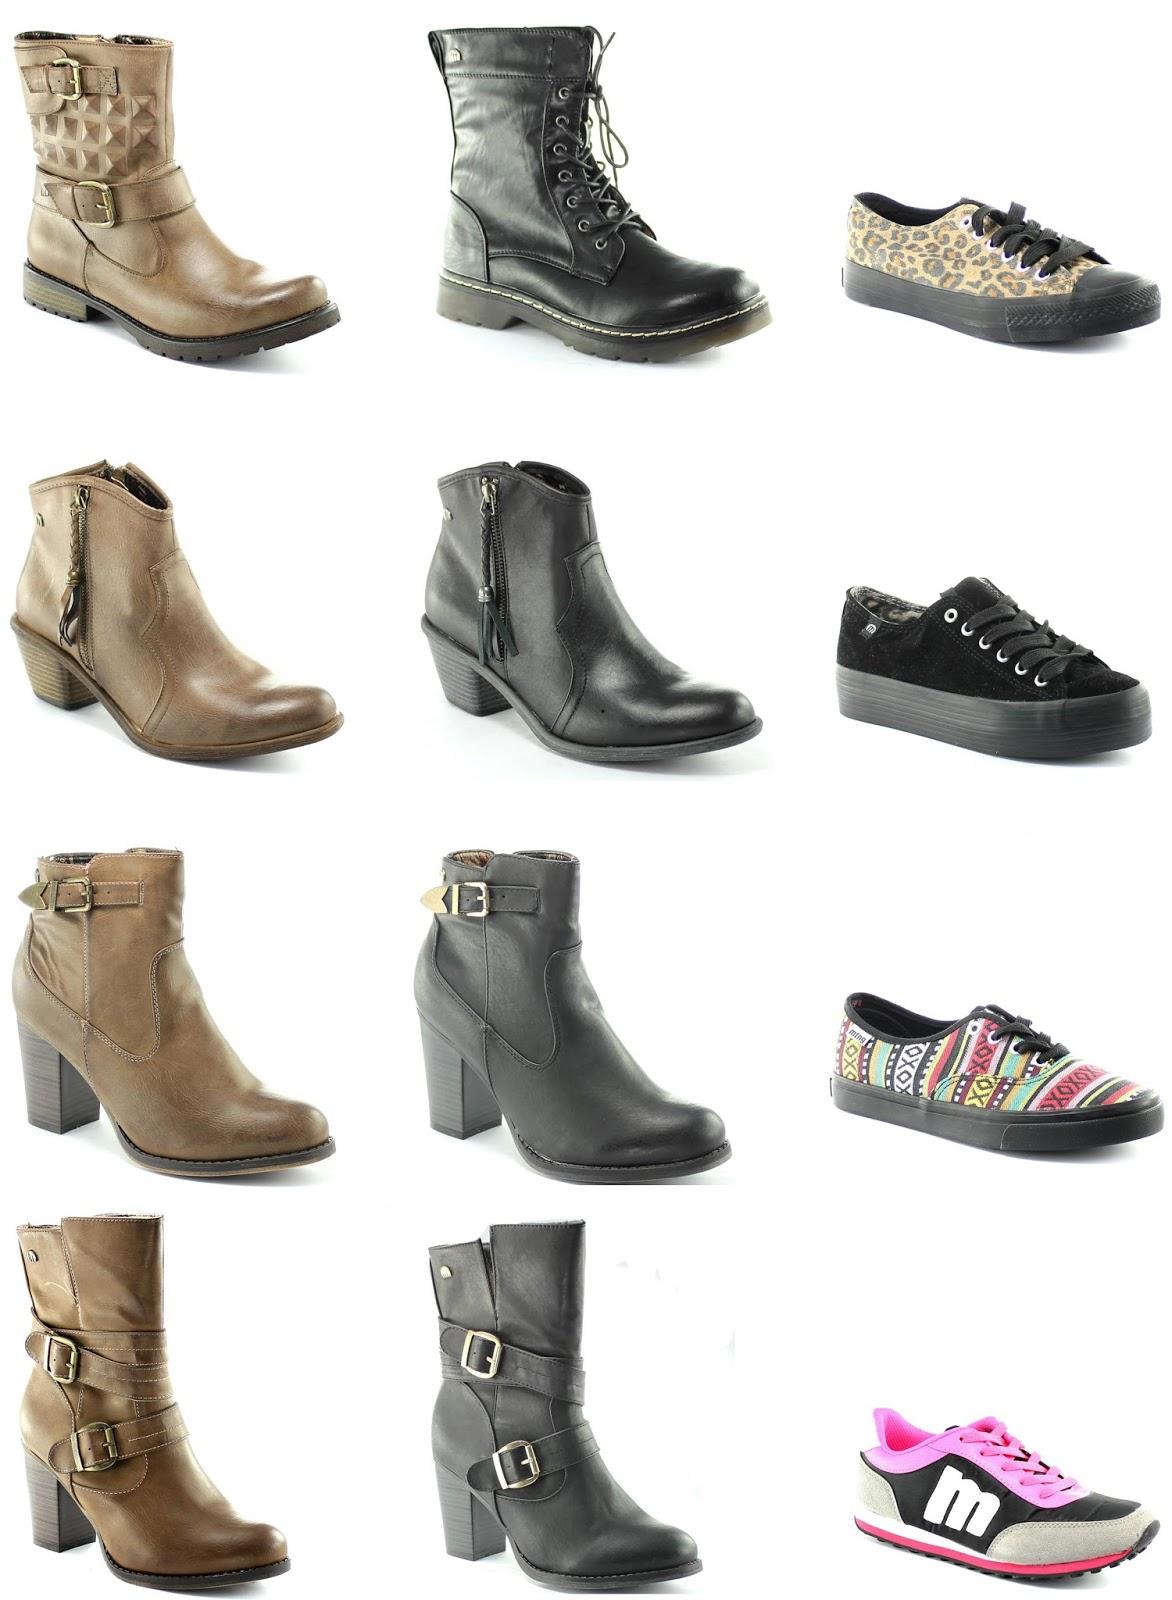 215cb31c0c1d9 botas de mujer mustang invierno